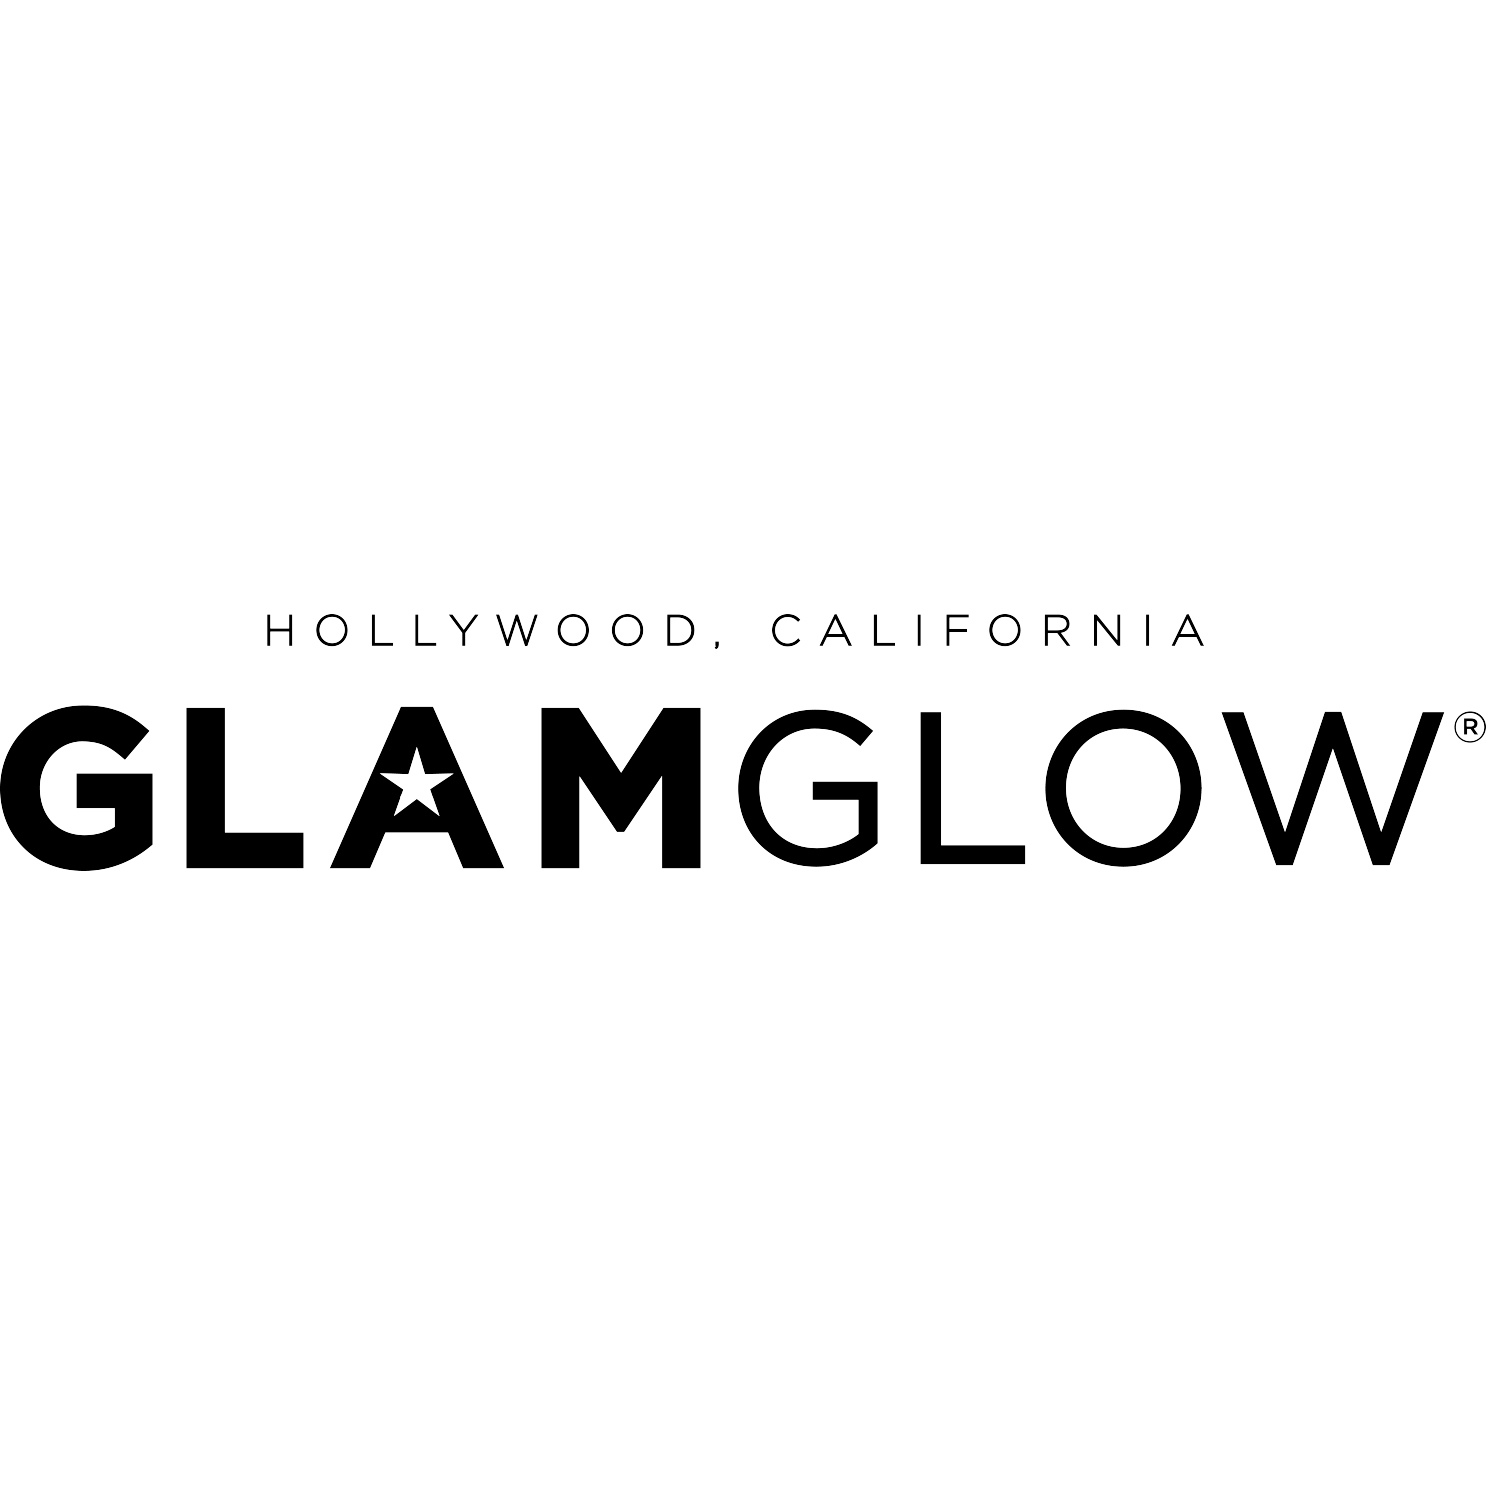 glamglowlogo.jpg